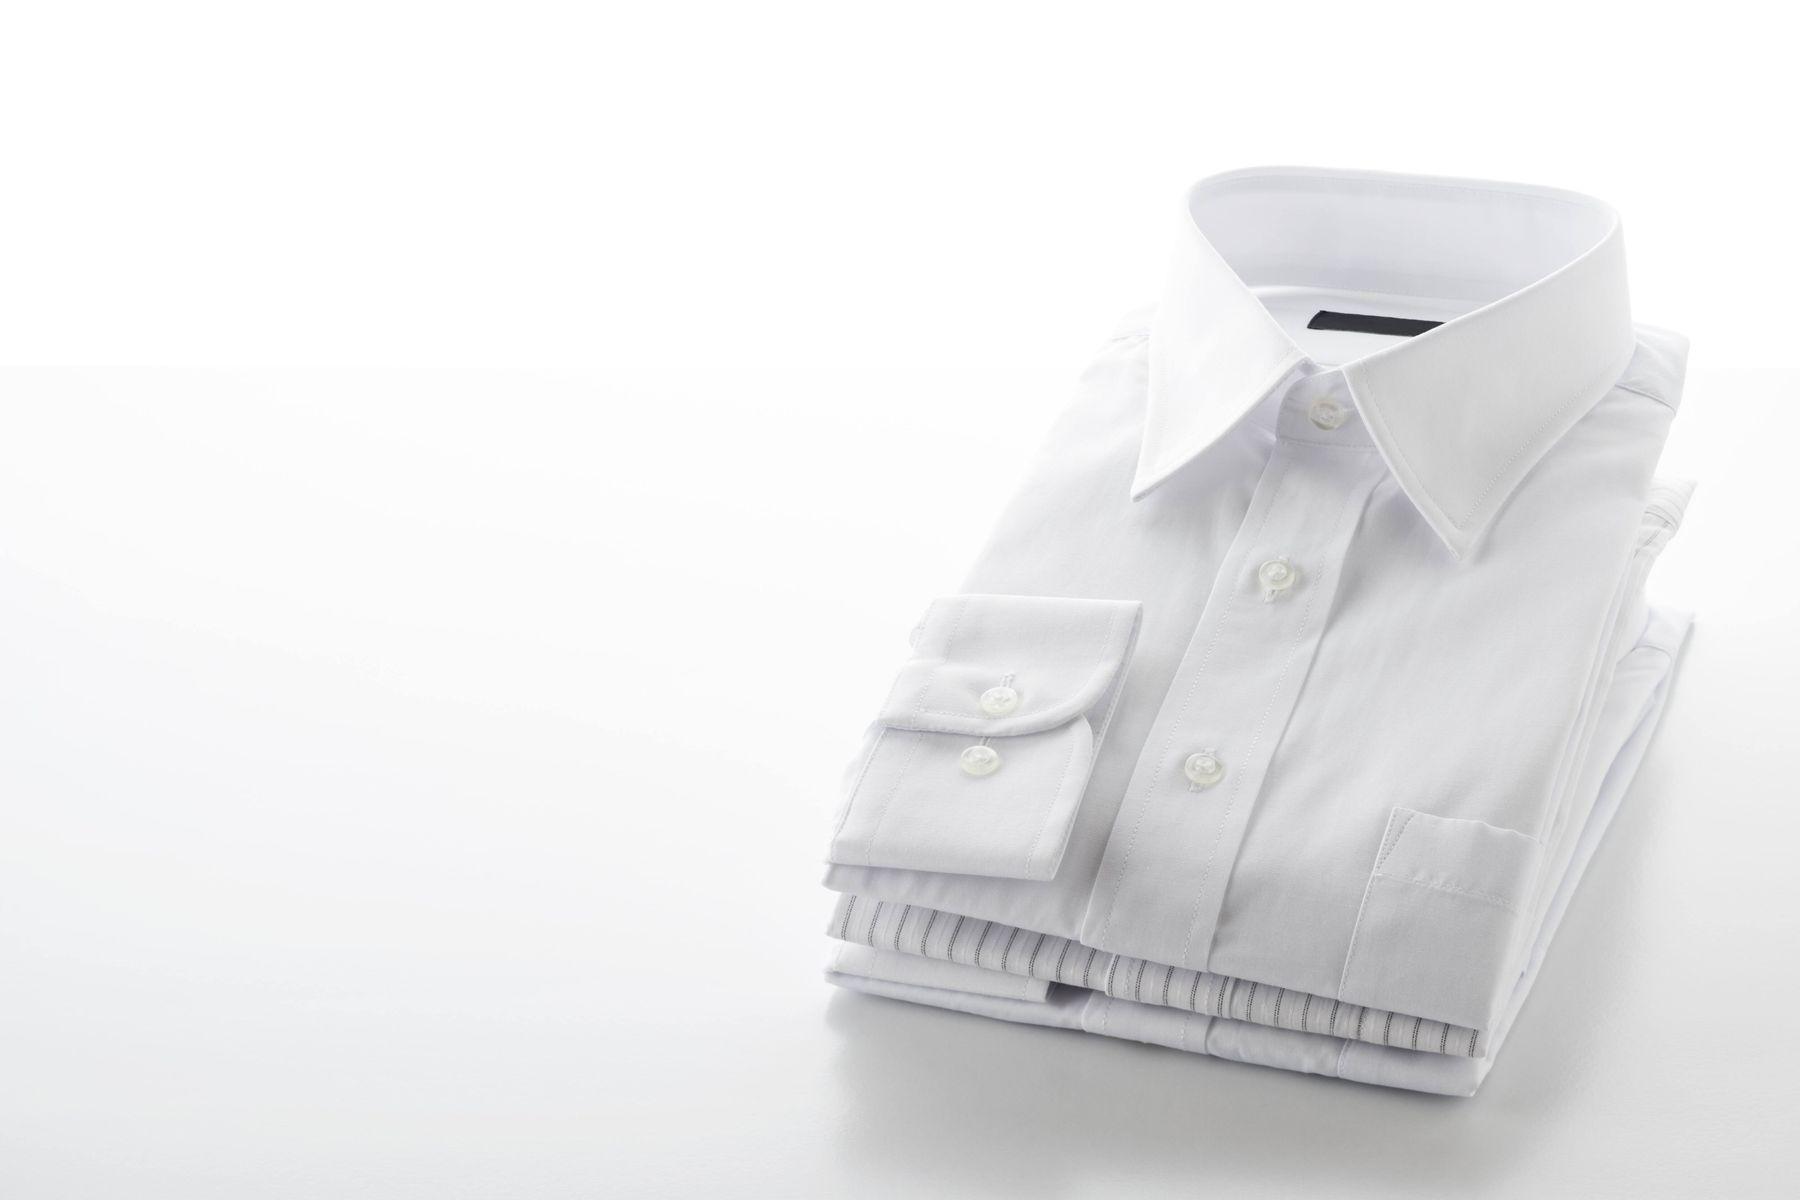 Tẩy sạch keo nhựa mít dính trên quần áo trong vòng 5 phút